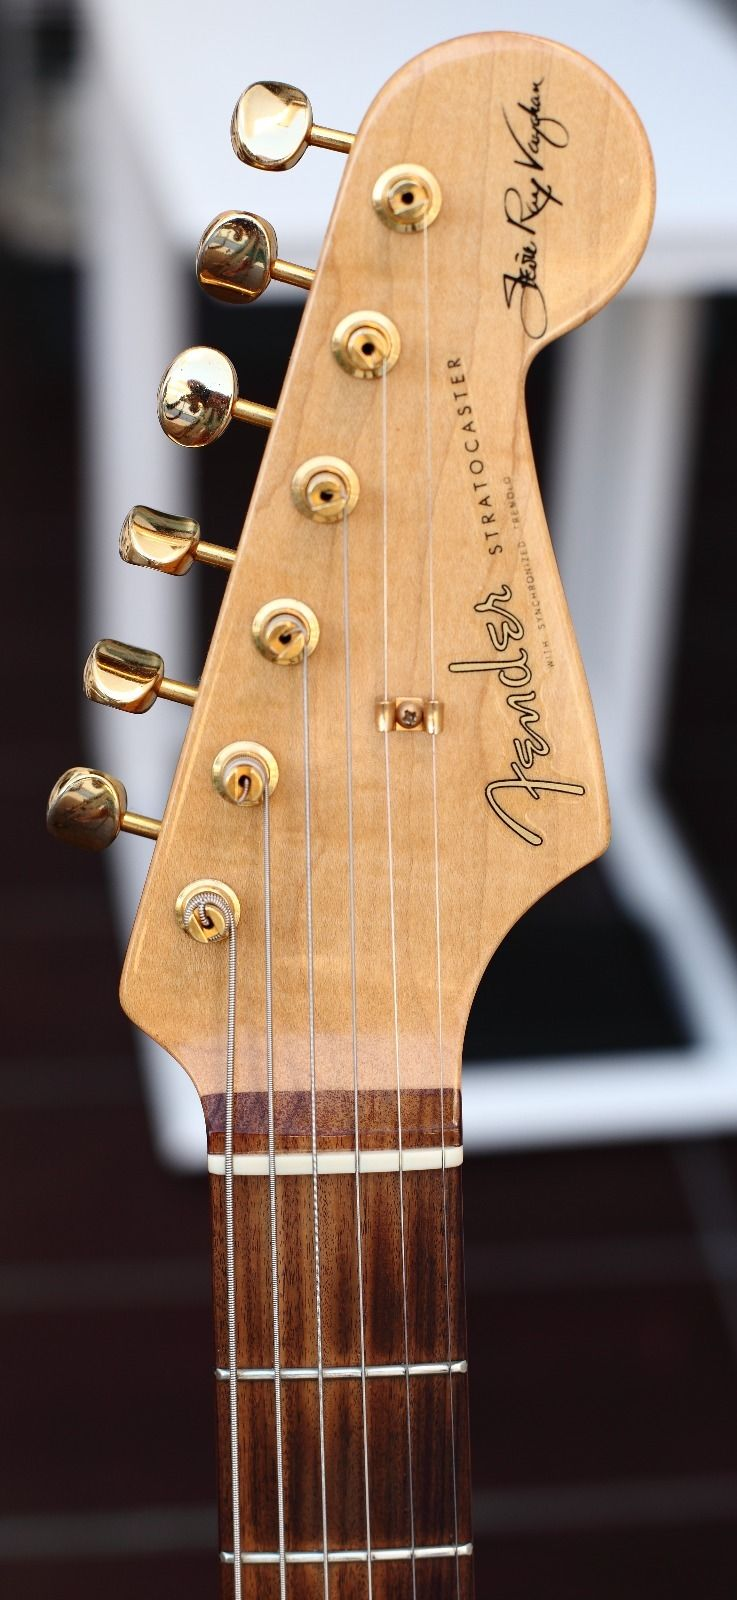 fender stratocaster srv 2002 sunburst guitar. Black Bedroom Furniture Sets. Home Design Ideas